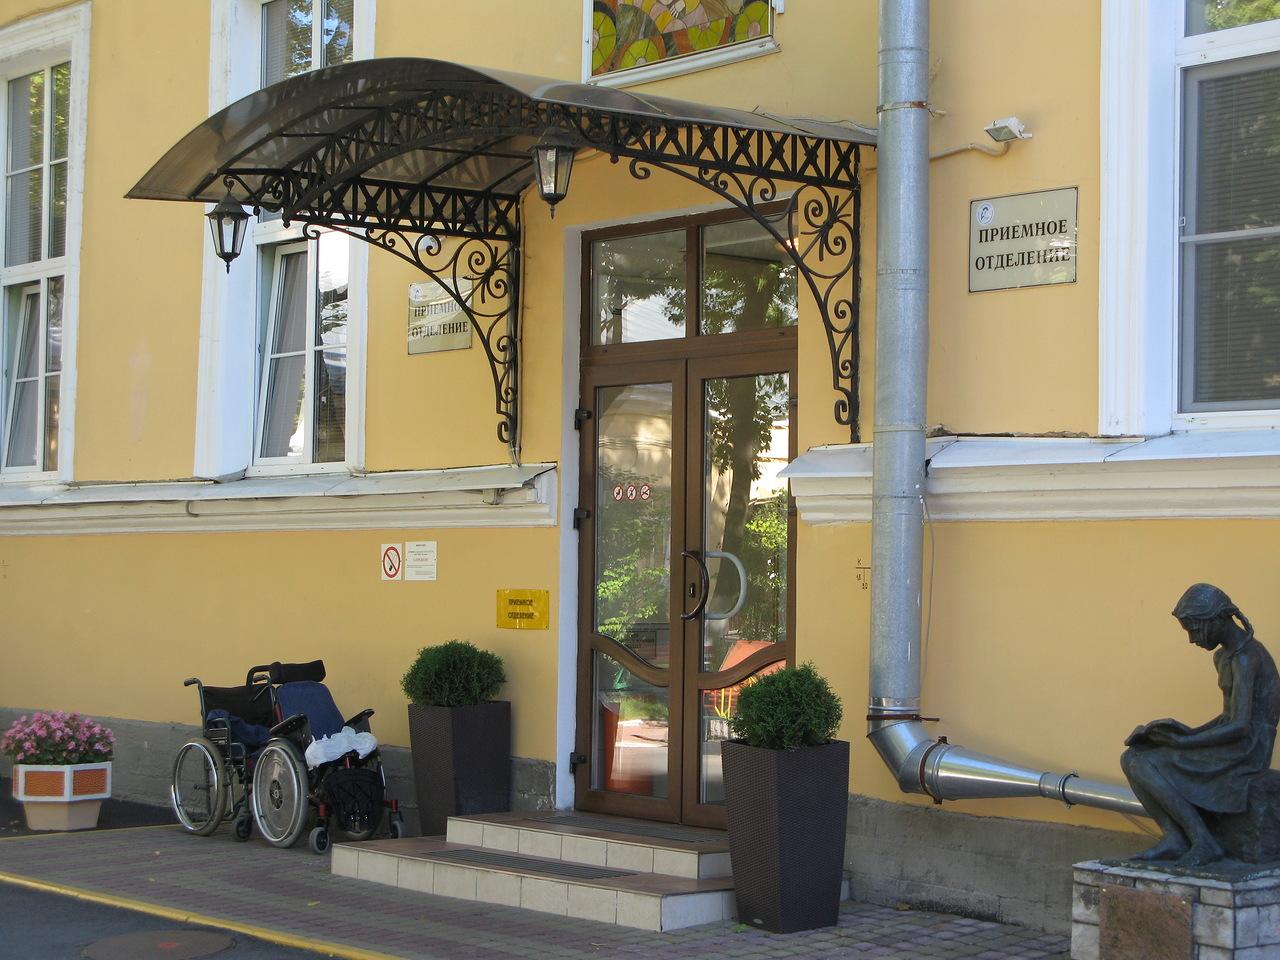 Спб гбуз клиническая больница святителя луки адрес